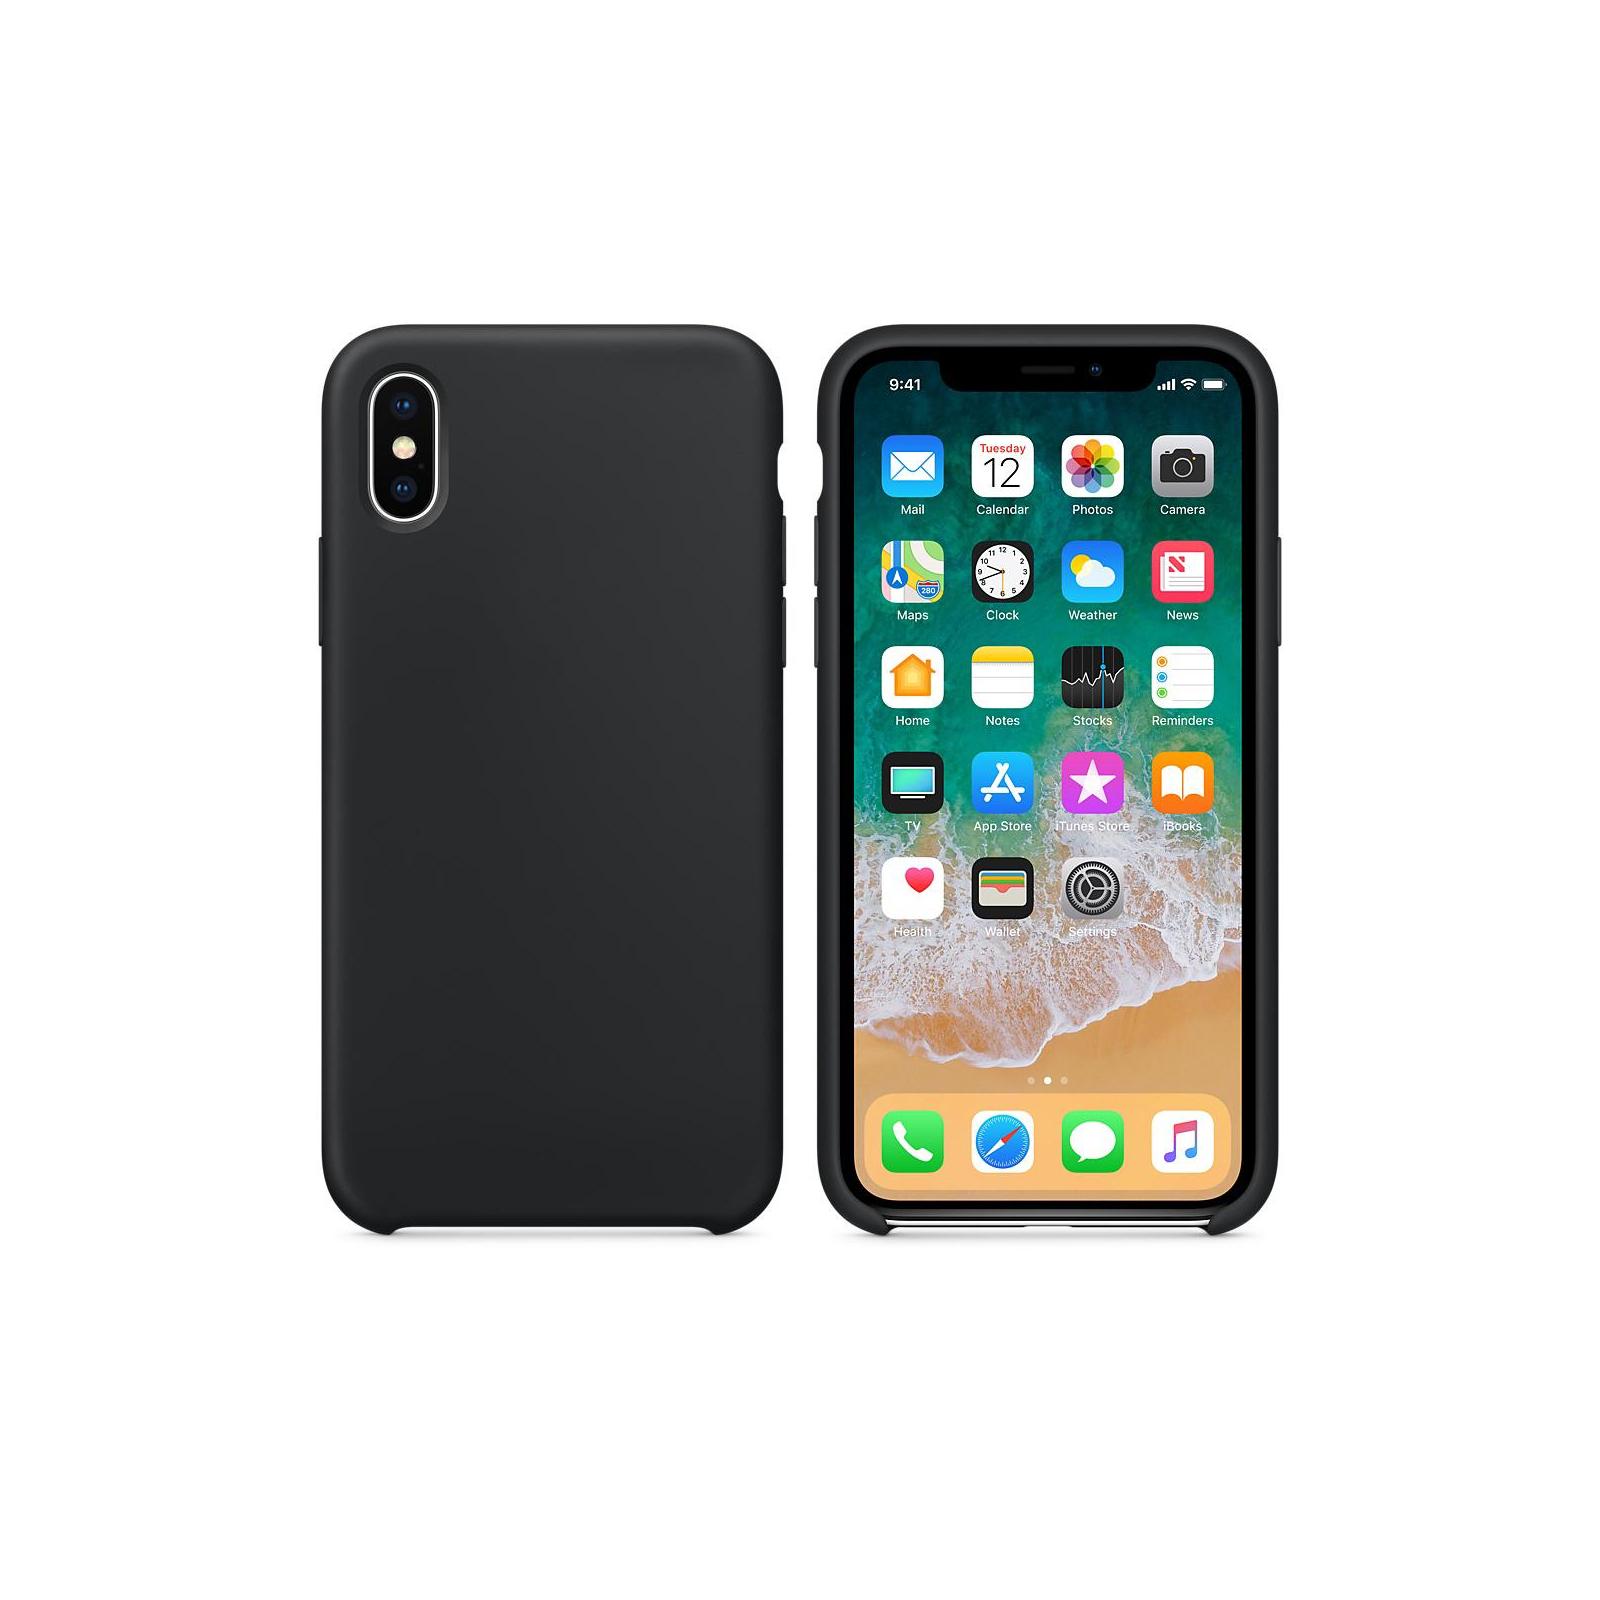 Чехол для моб. телефона Laudtec для iPhone X/XS liquid case (black) (LT-IXLC) изображение 2